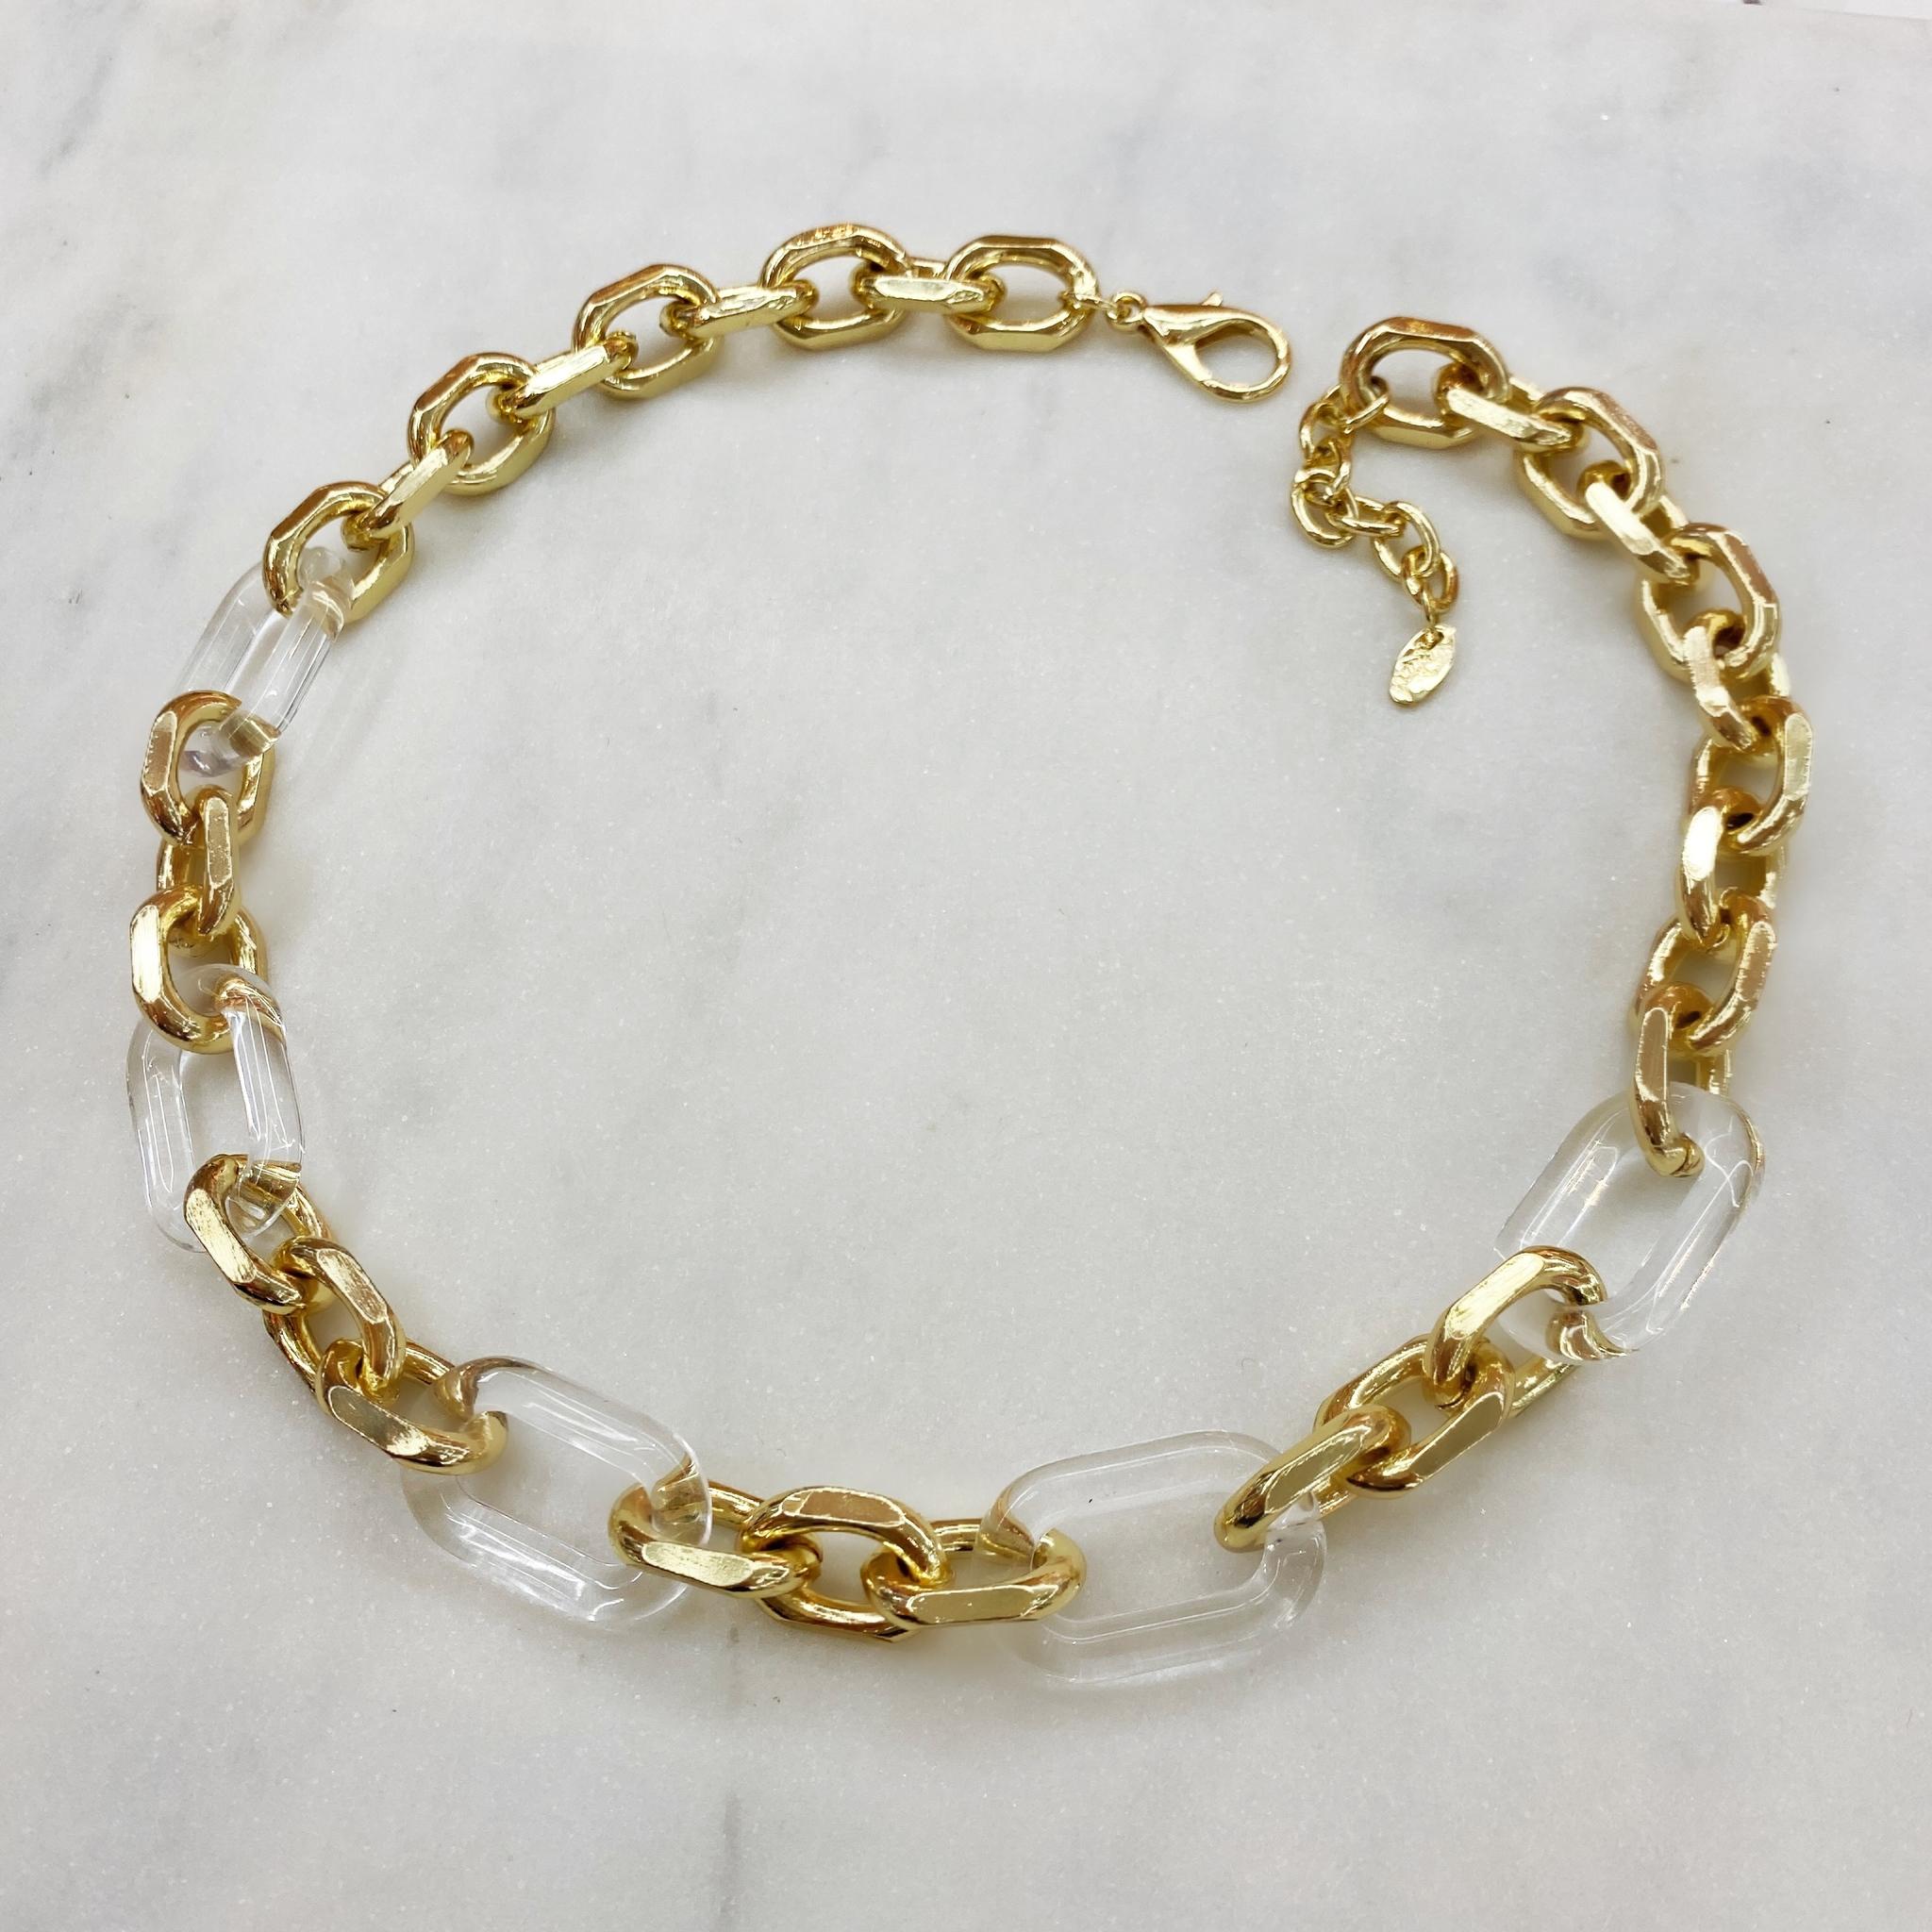 Колье-цепь с комбинированными звеньями (прозрачный, золотистый)